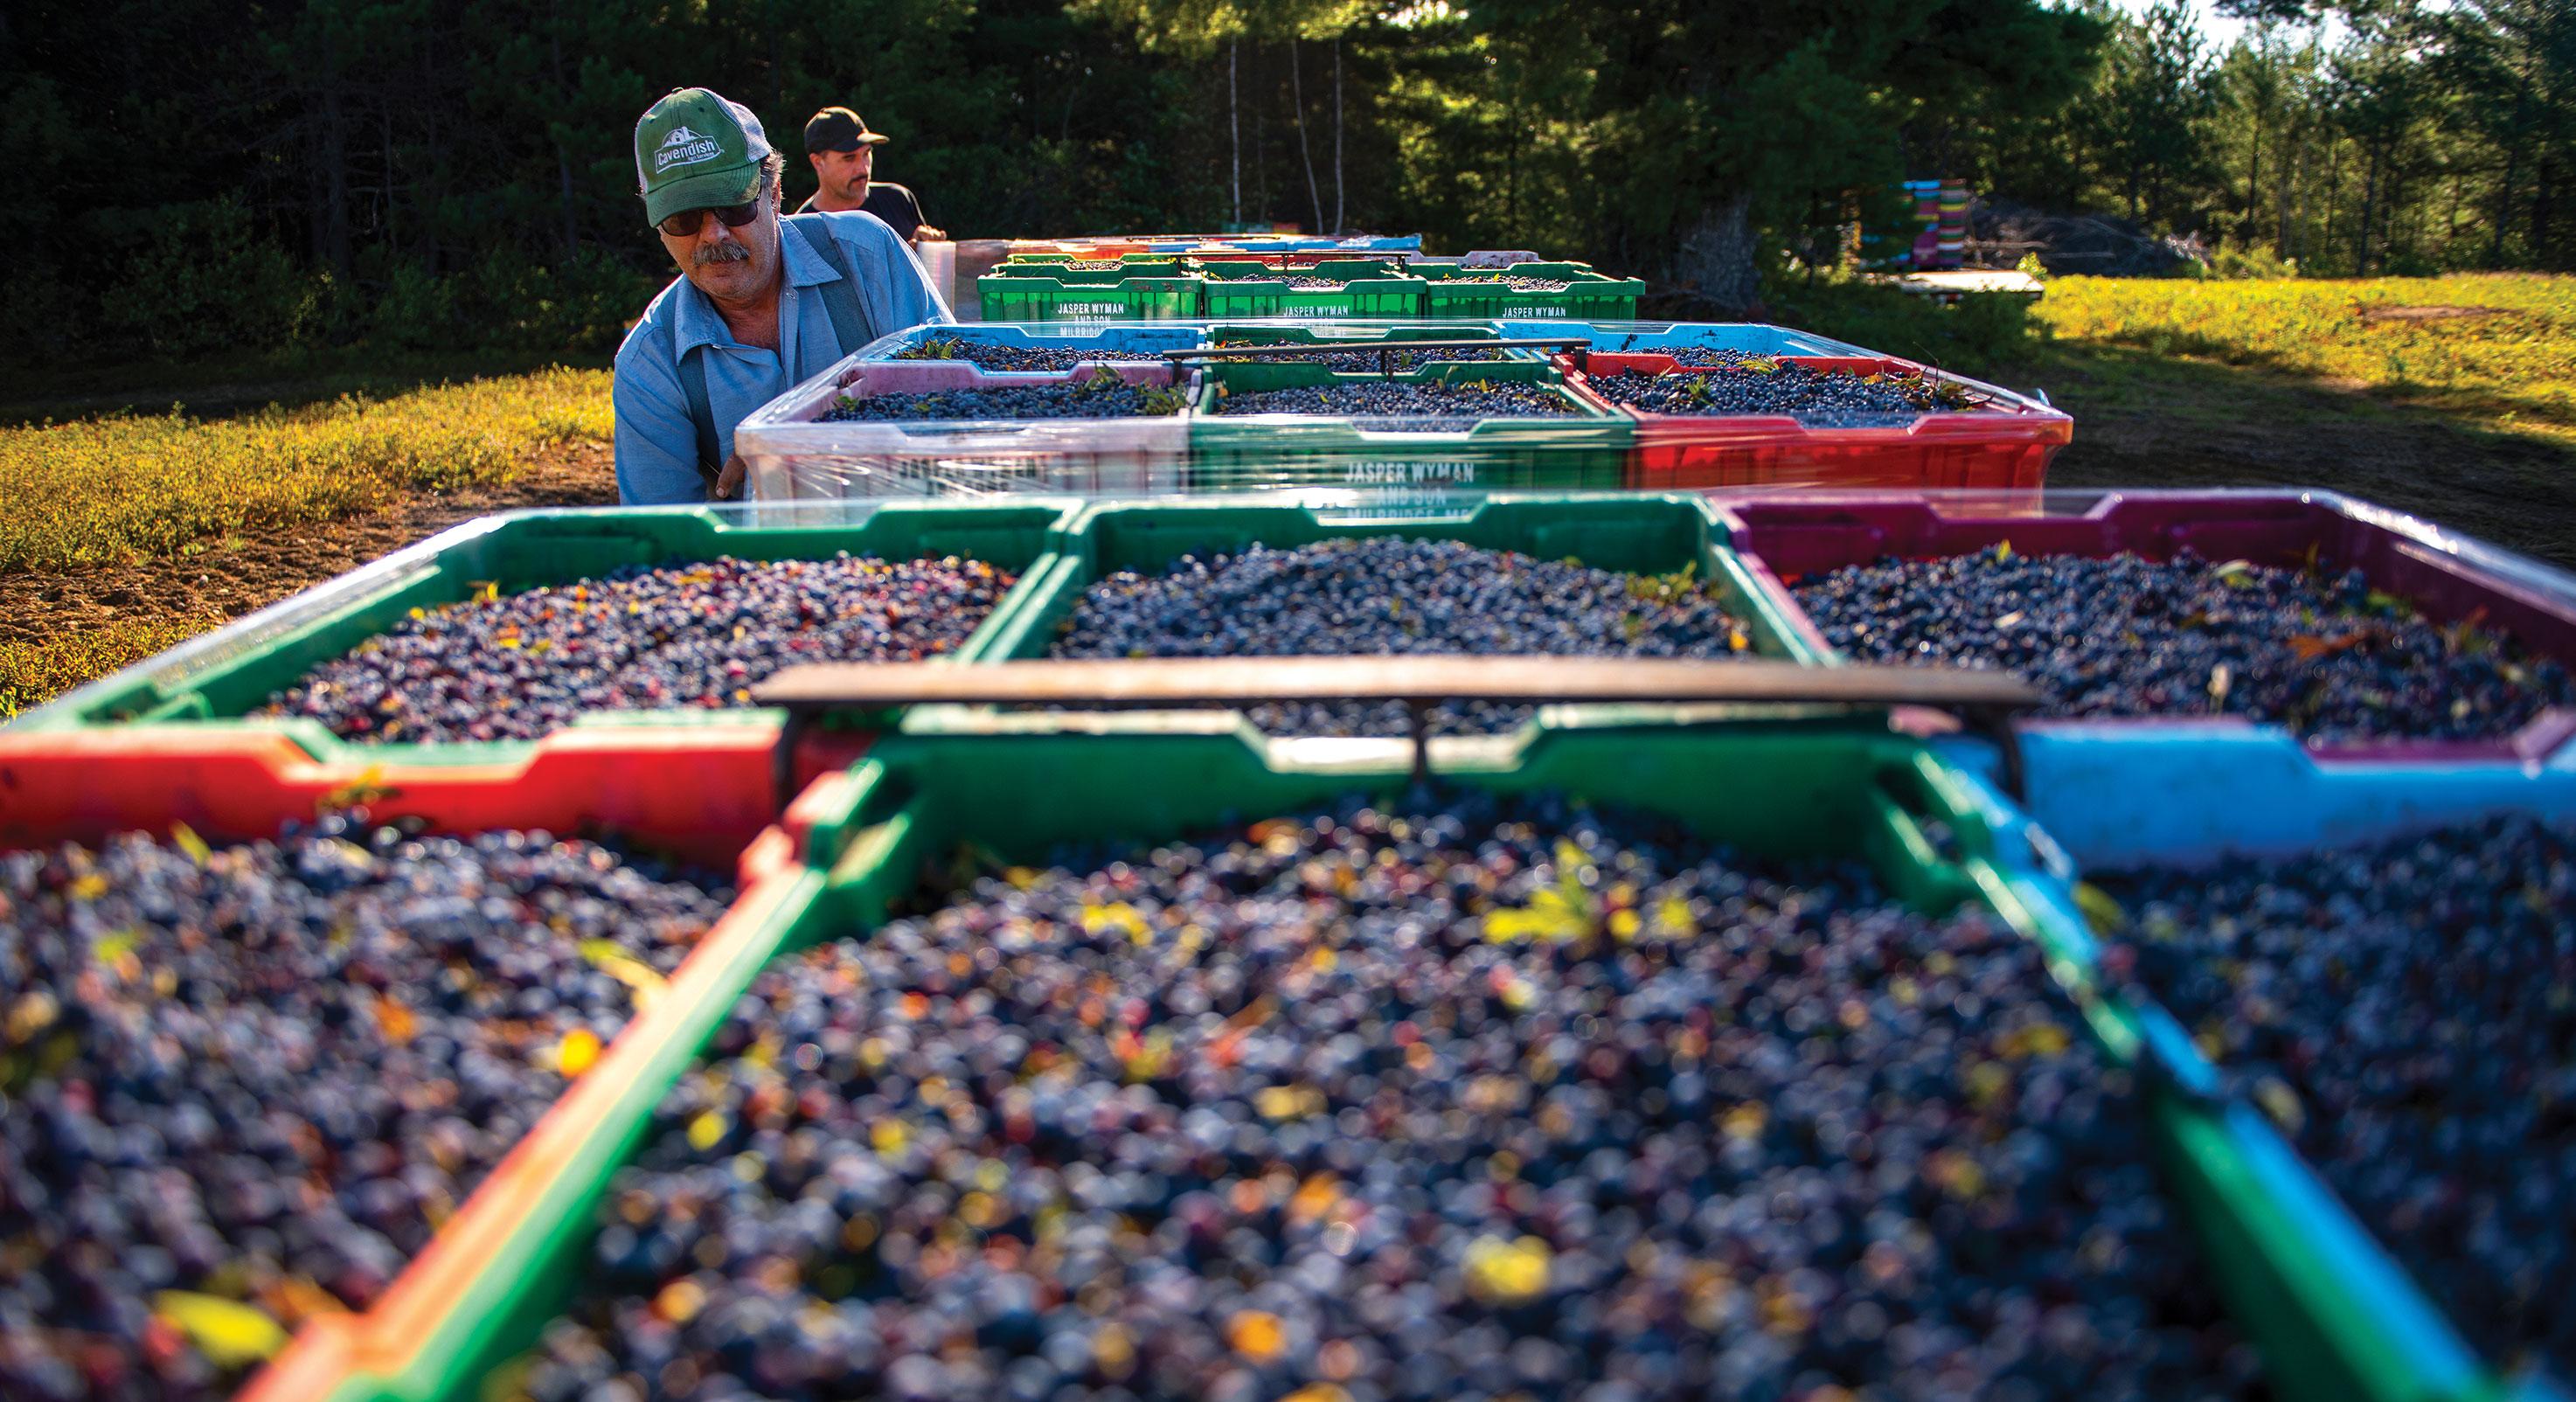 Blueberry_Sunkhaze-berries-1